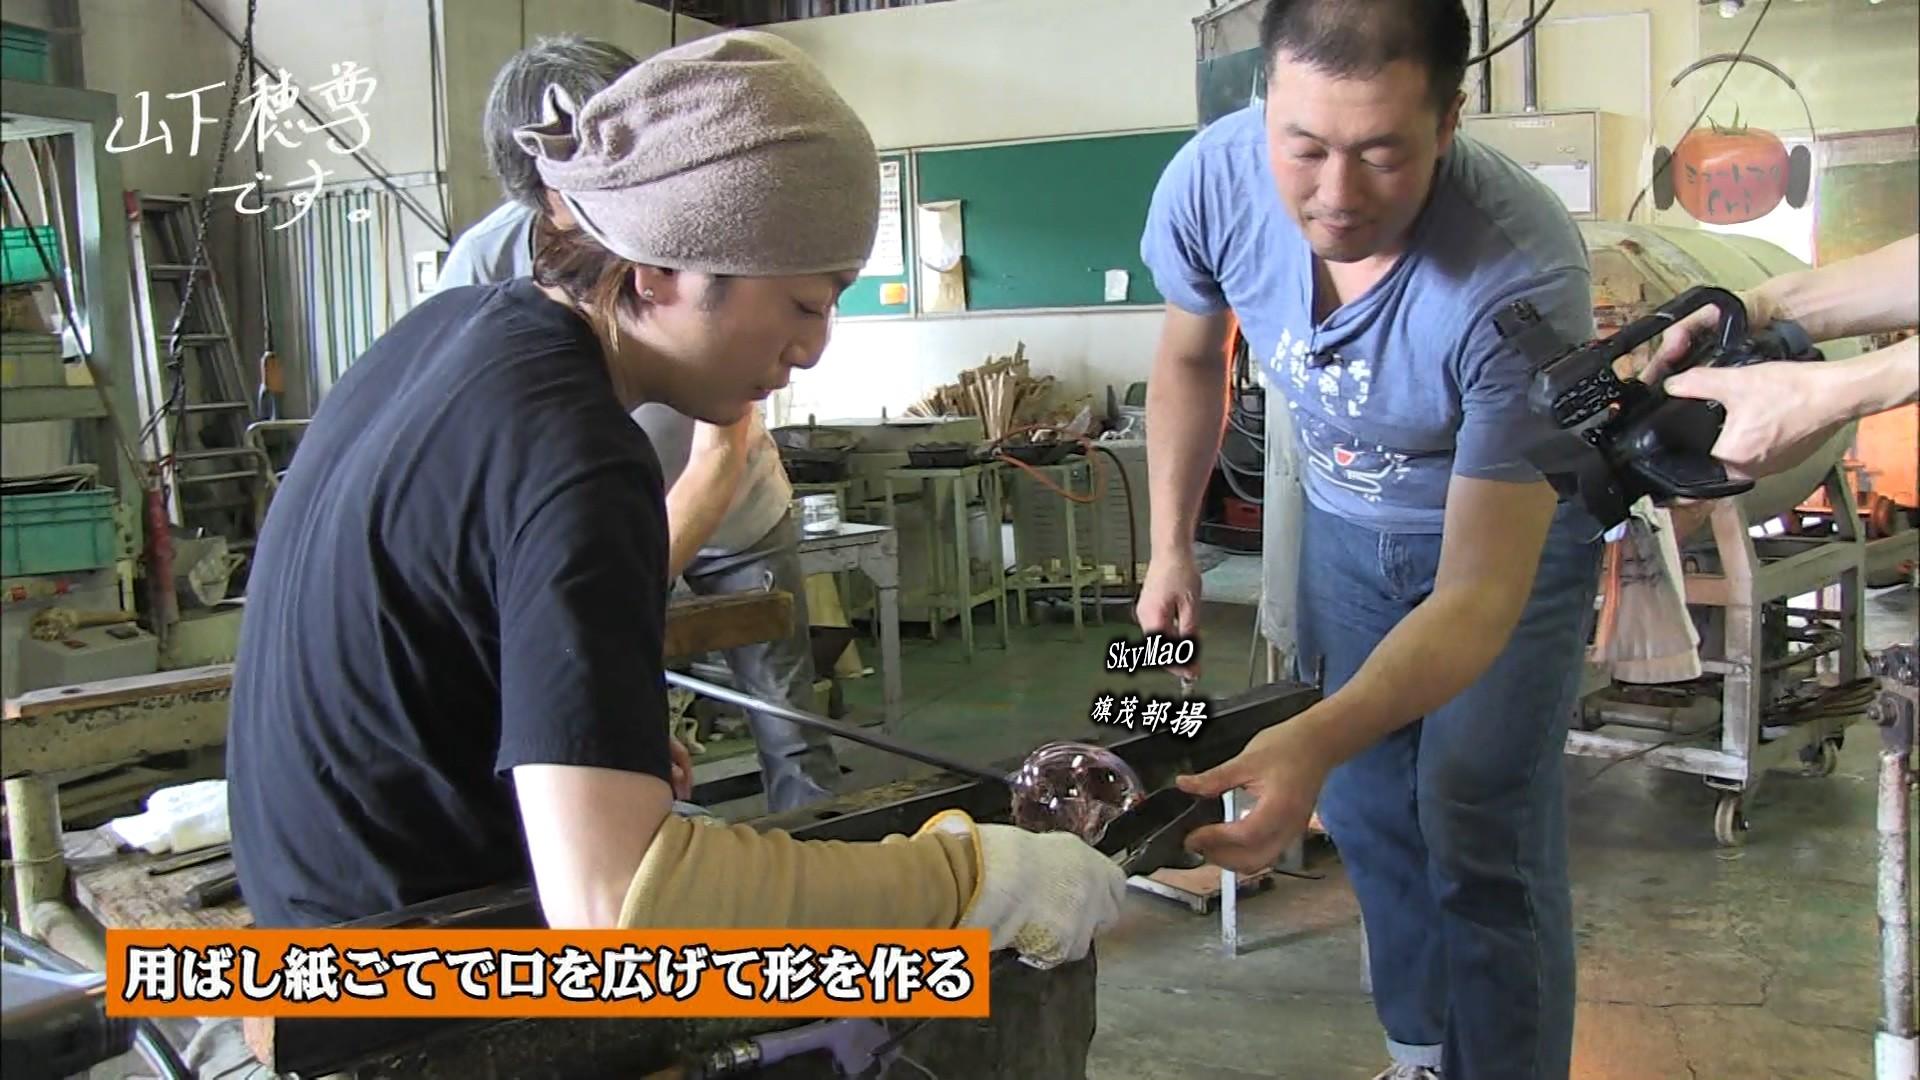 2017.09.08 全場(ミュートマ2).ts_20170909_012900.225